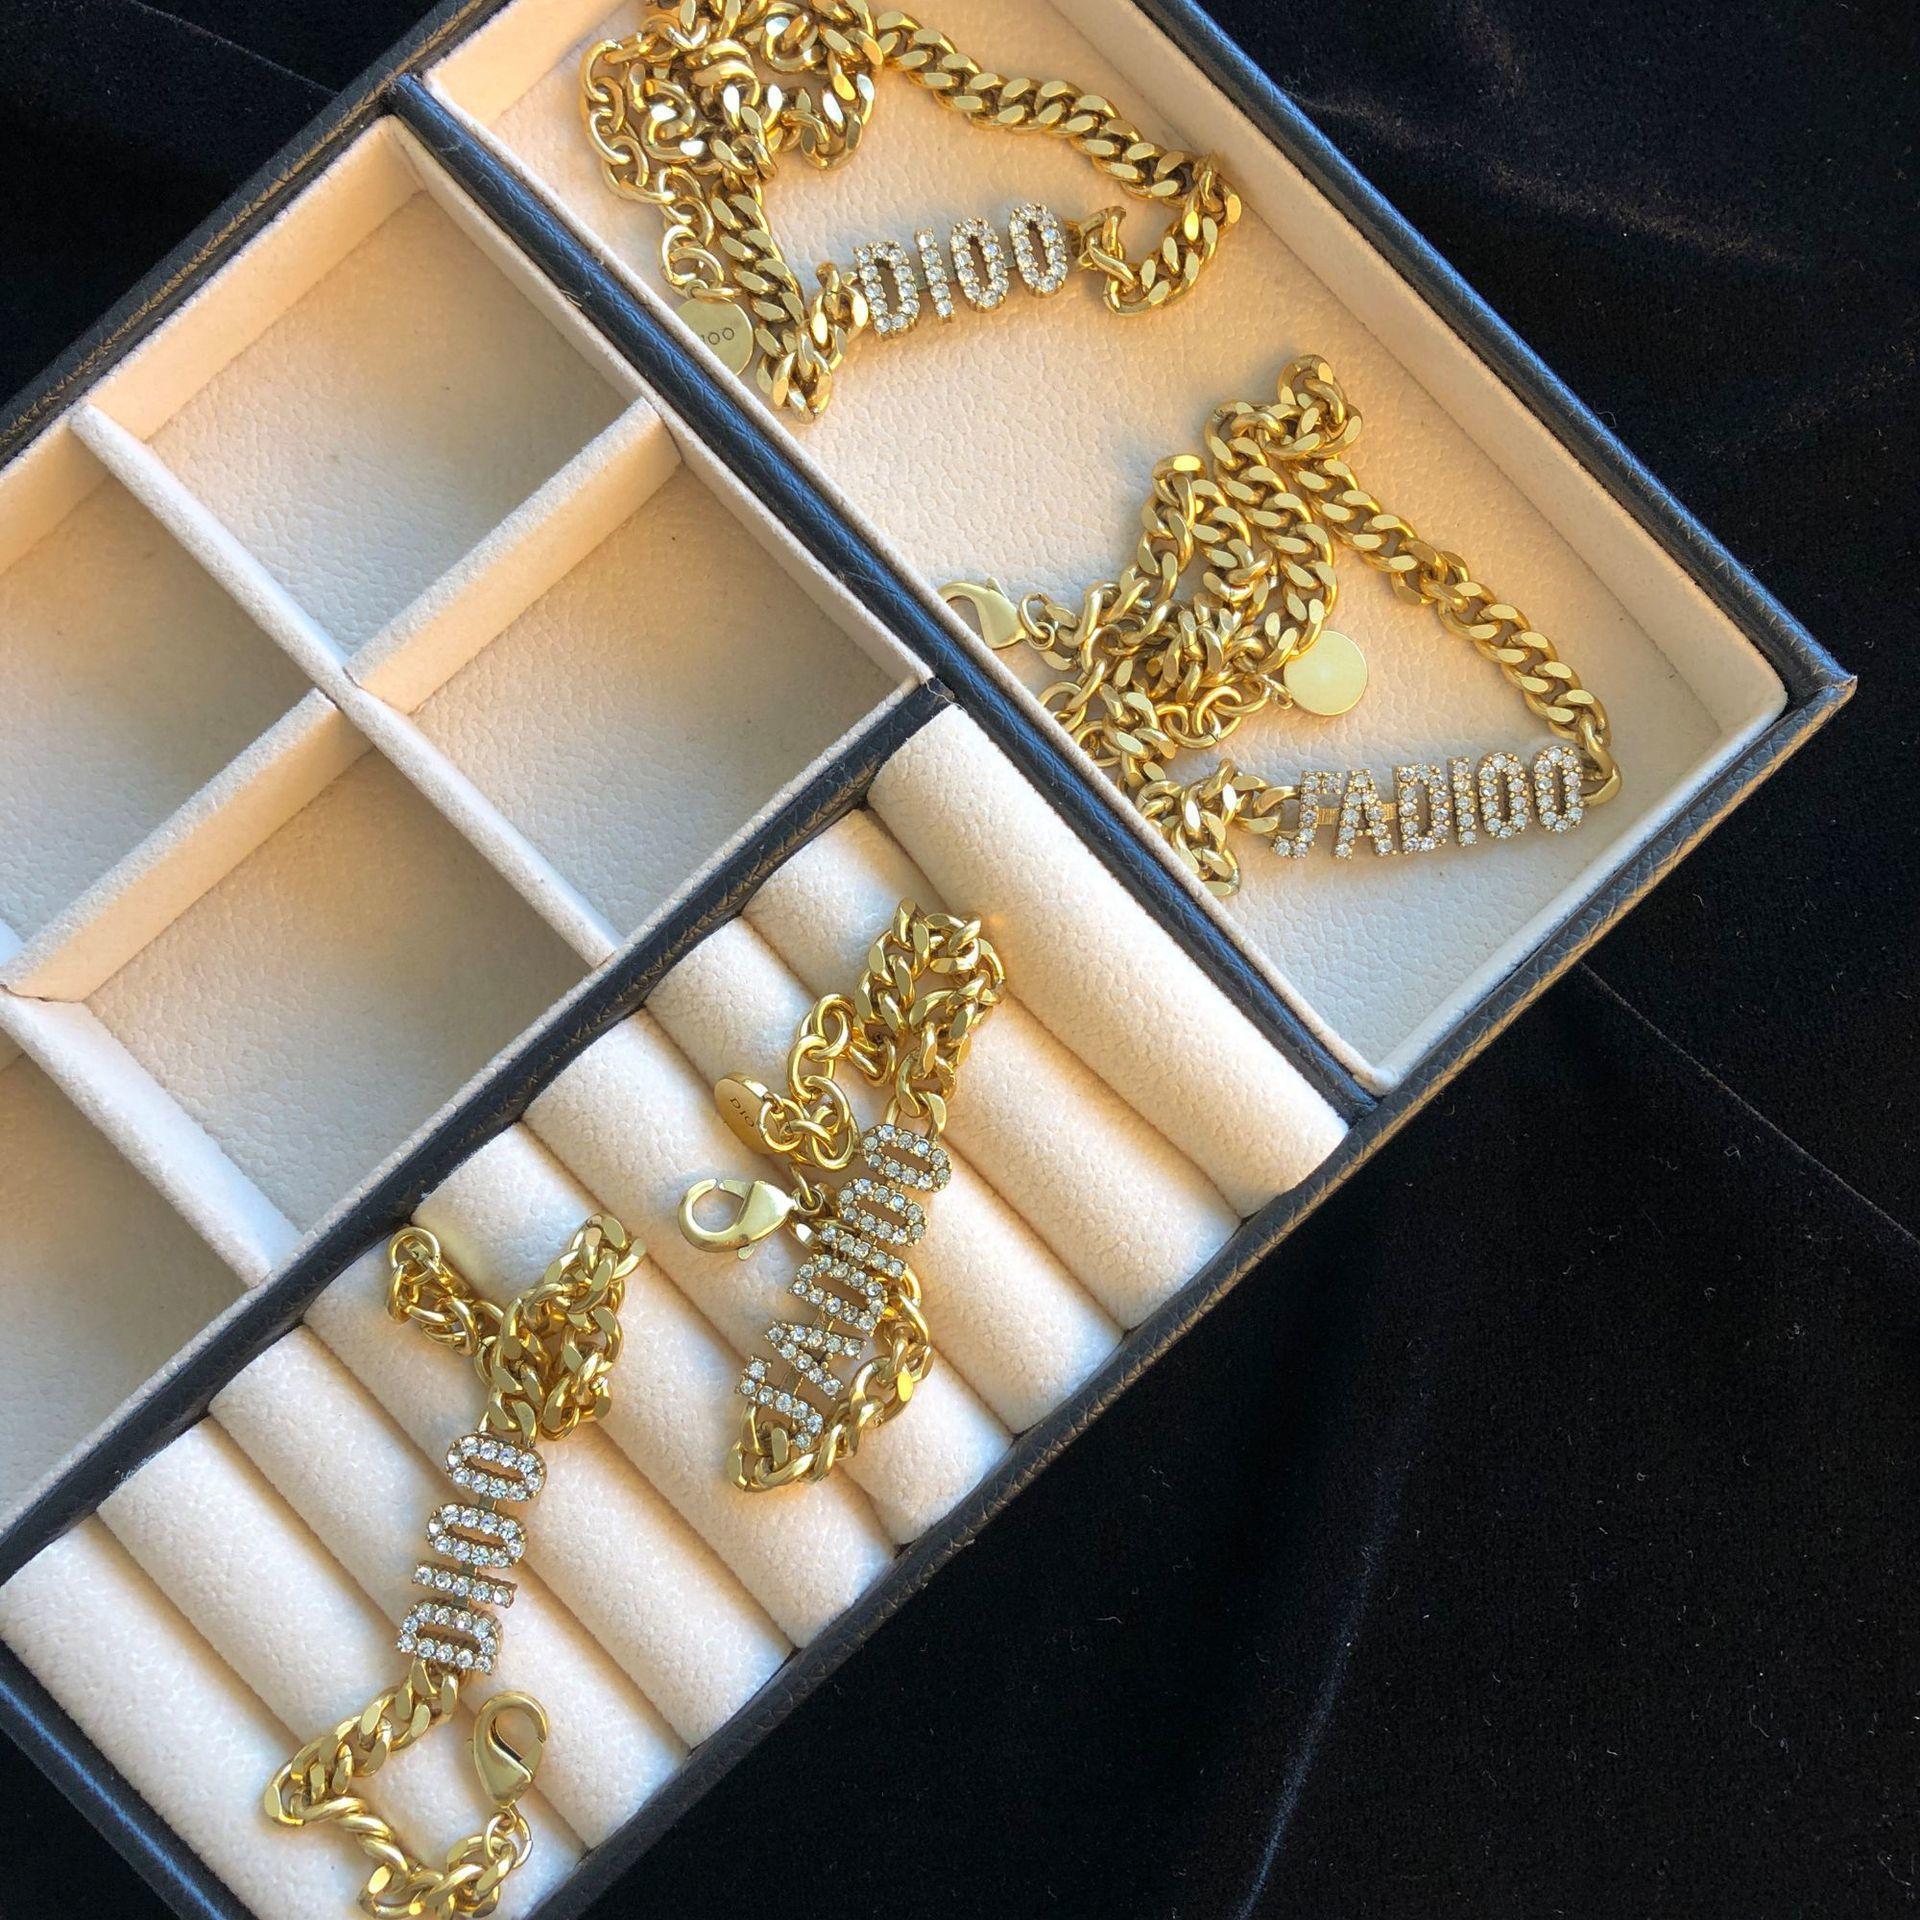 الفاخرة cd المجوهرات 2020 جديد الماس رسالة قلادة أنثى ديجيا الإنترنت المشاهير سوار الكلاسيكية